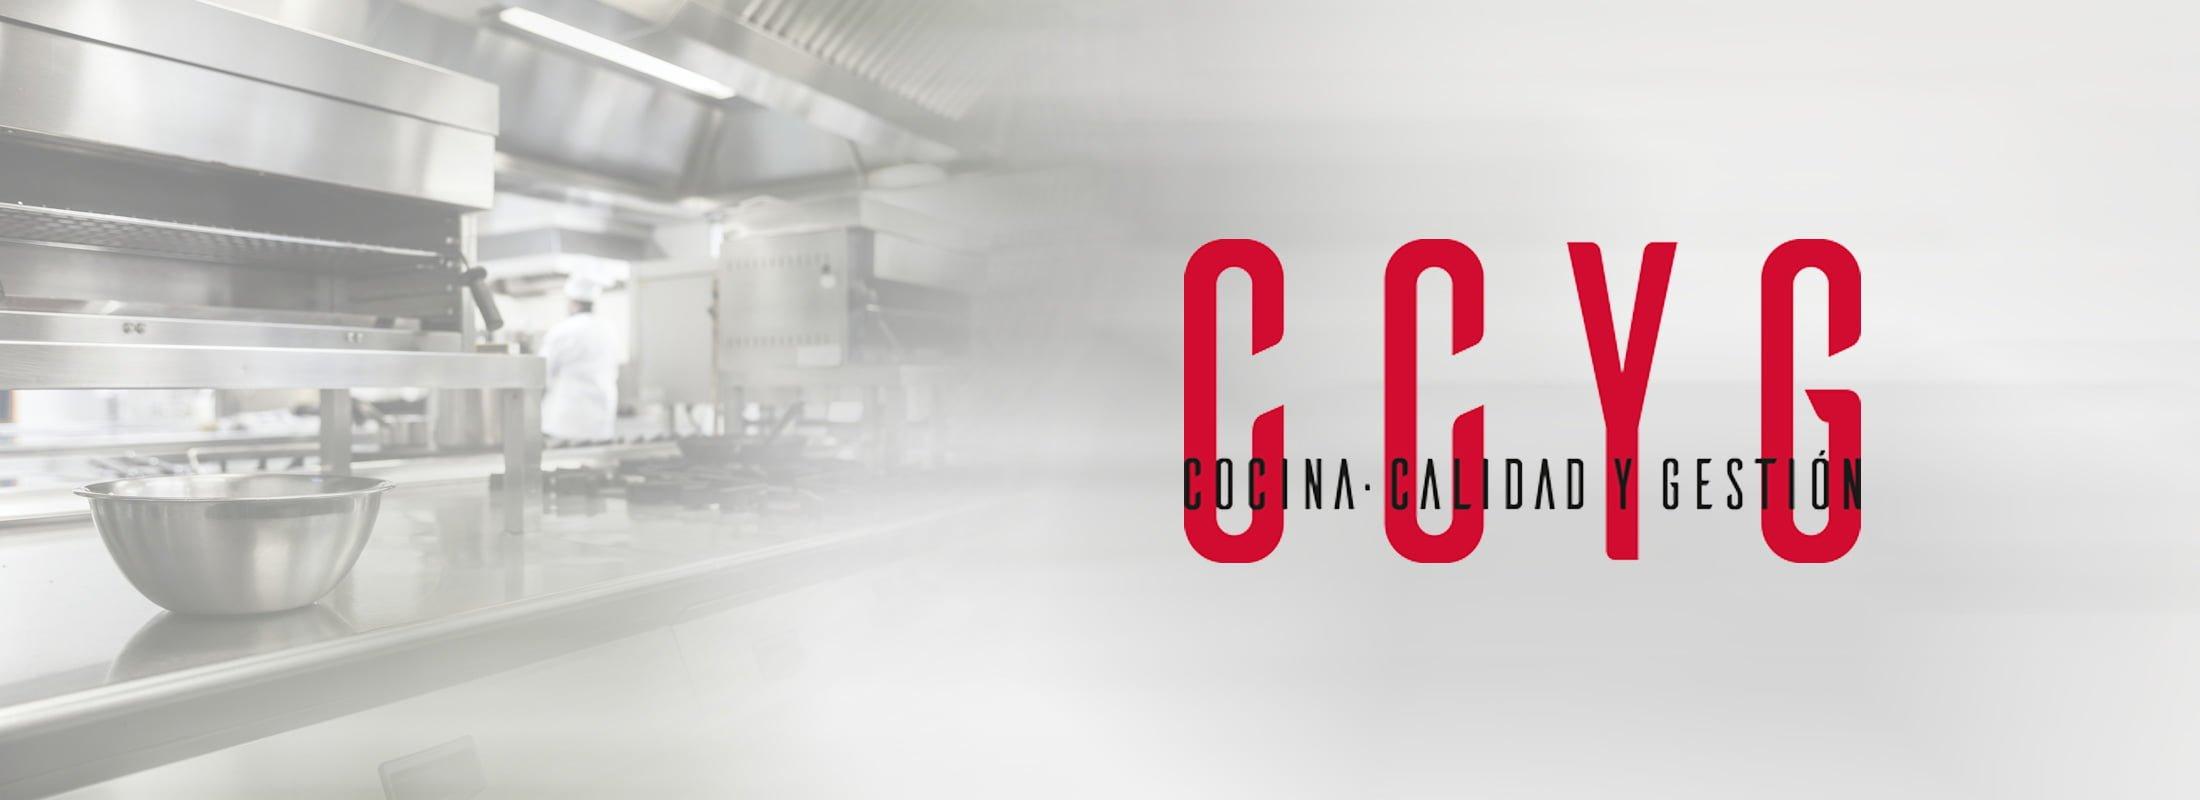 cocina calidad y gestion